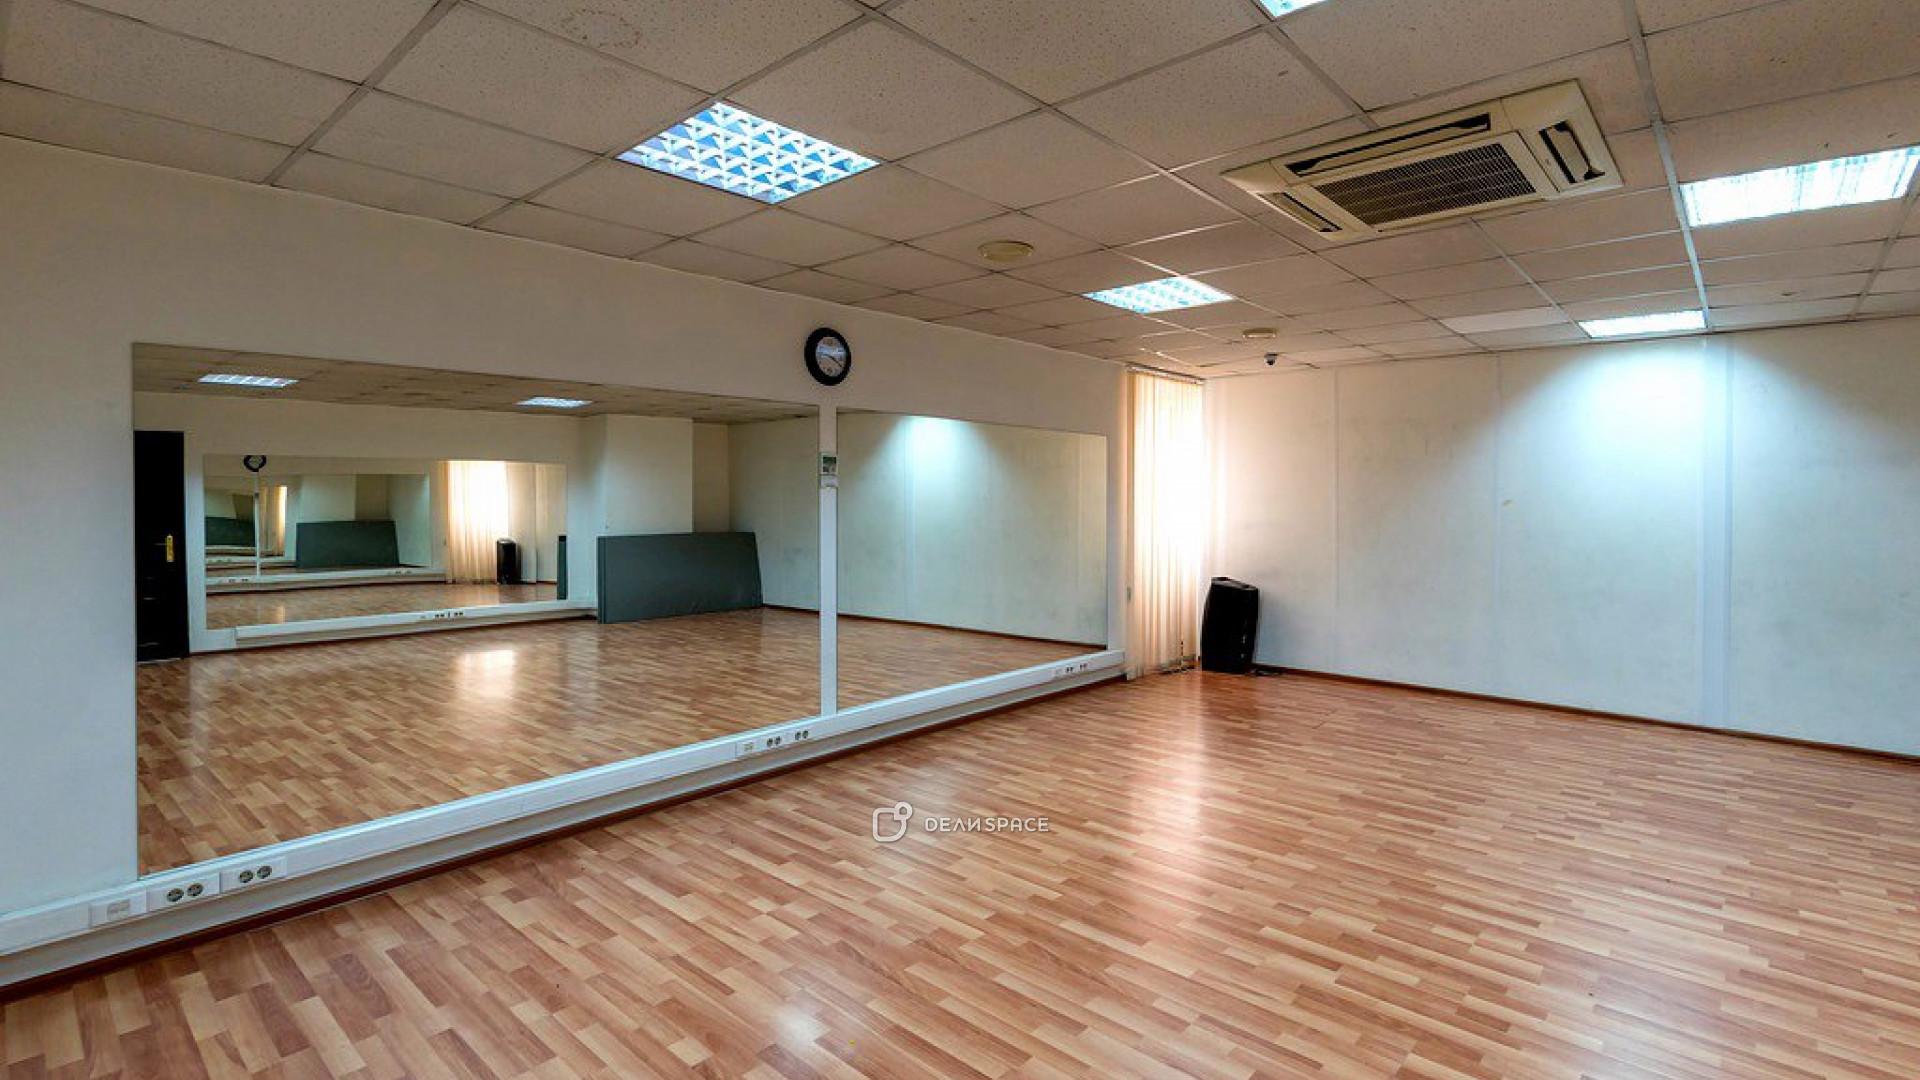 Танцевальный фитнес зал - фото №2